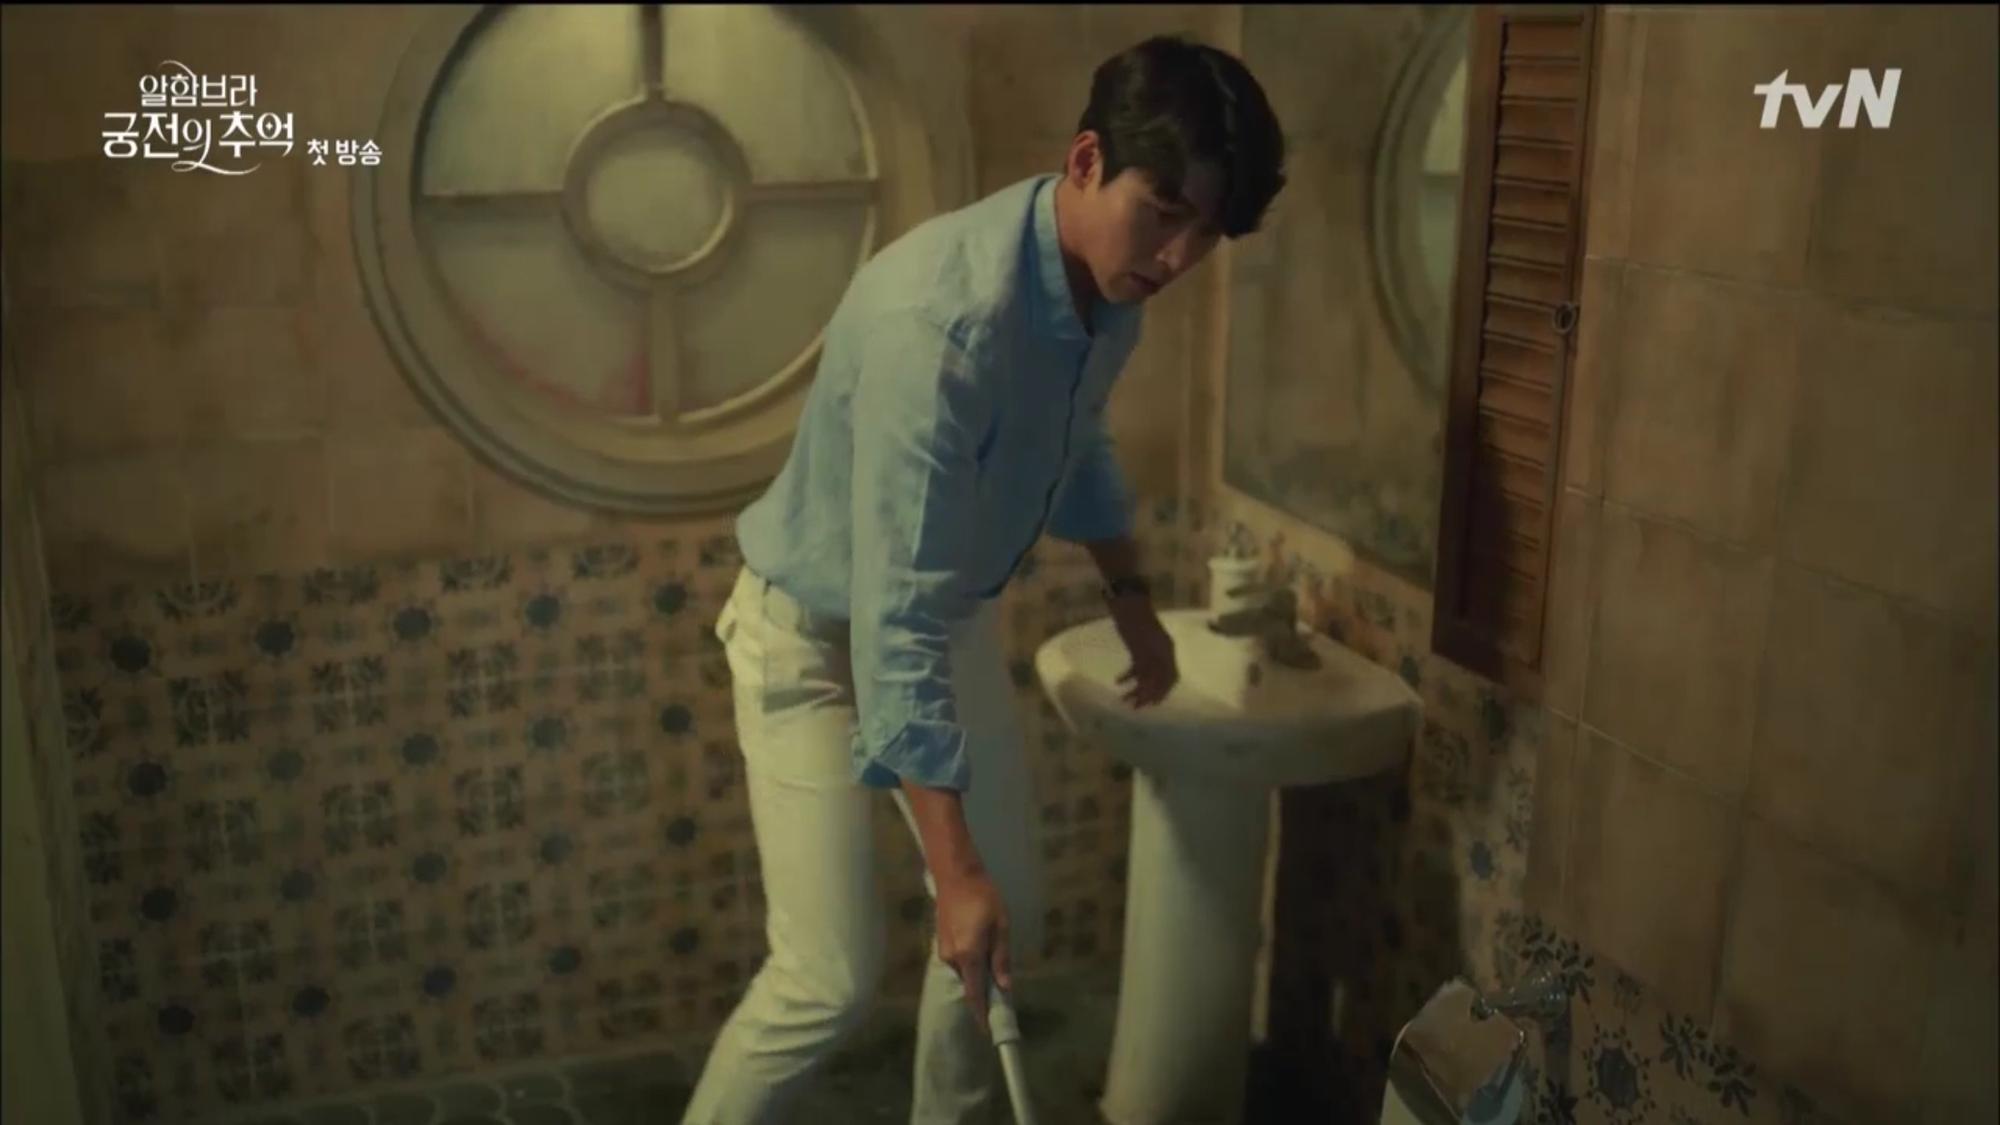 """Mới tập đầu """"Memories of the Alhambra"""", Hyun Bin đã bị Park Shin Hye """"hành"""" cho lên bờ xuống ruộng - Ảnh 11."""